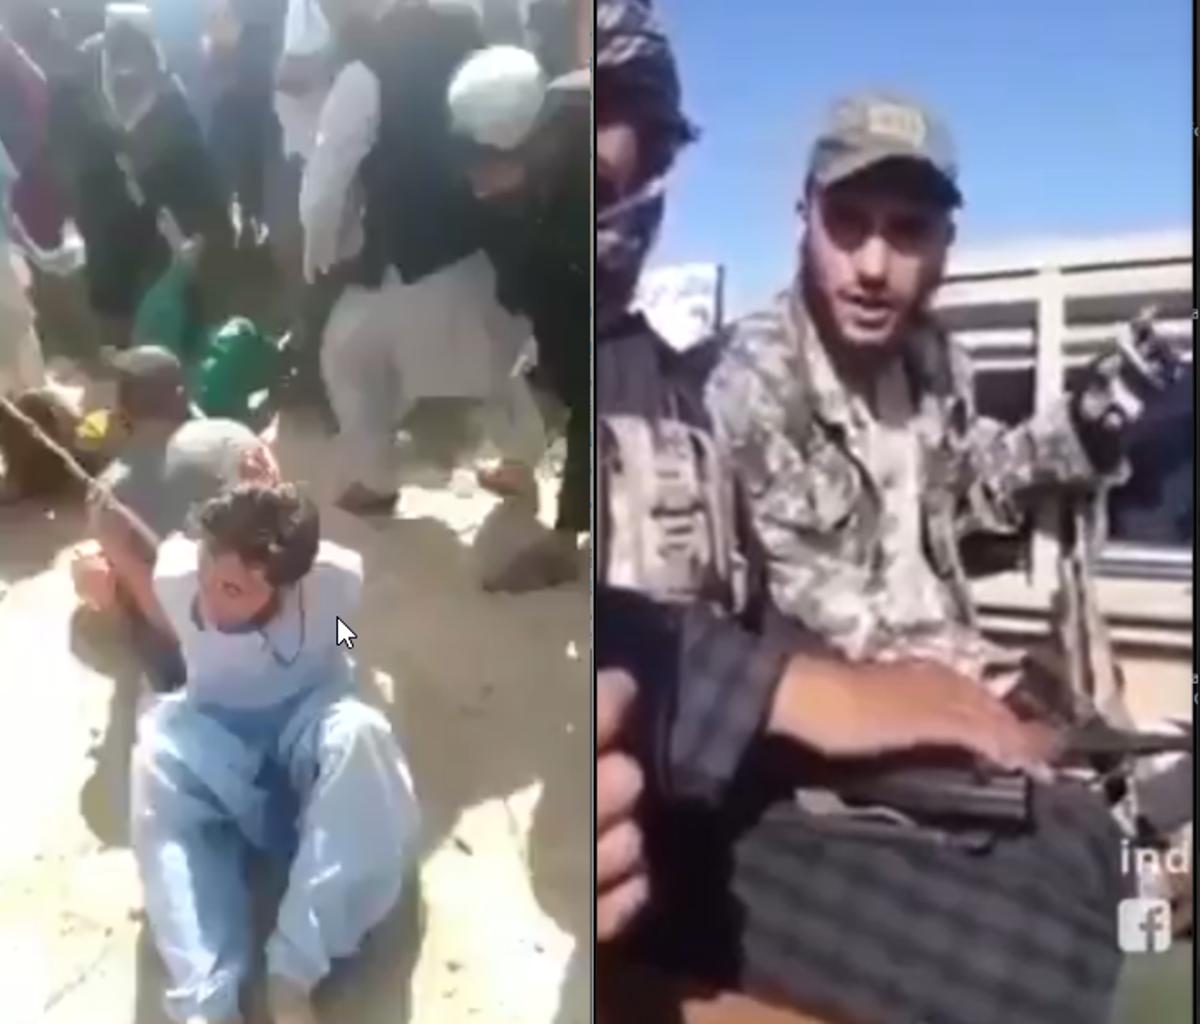 A la izquierda, apaleamiento de ladrones en Kabul una vez restablecida la sharía por los talibanes. A la derecha, alocución de un yihadista desde un frente de guerra. Las dos imágenes pertenecen a la propaganda que consumen los islamistas radicales.